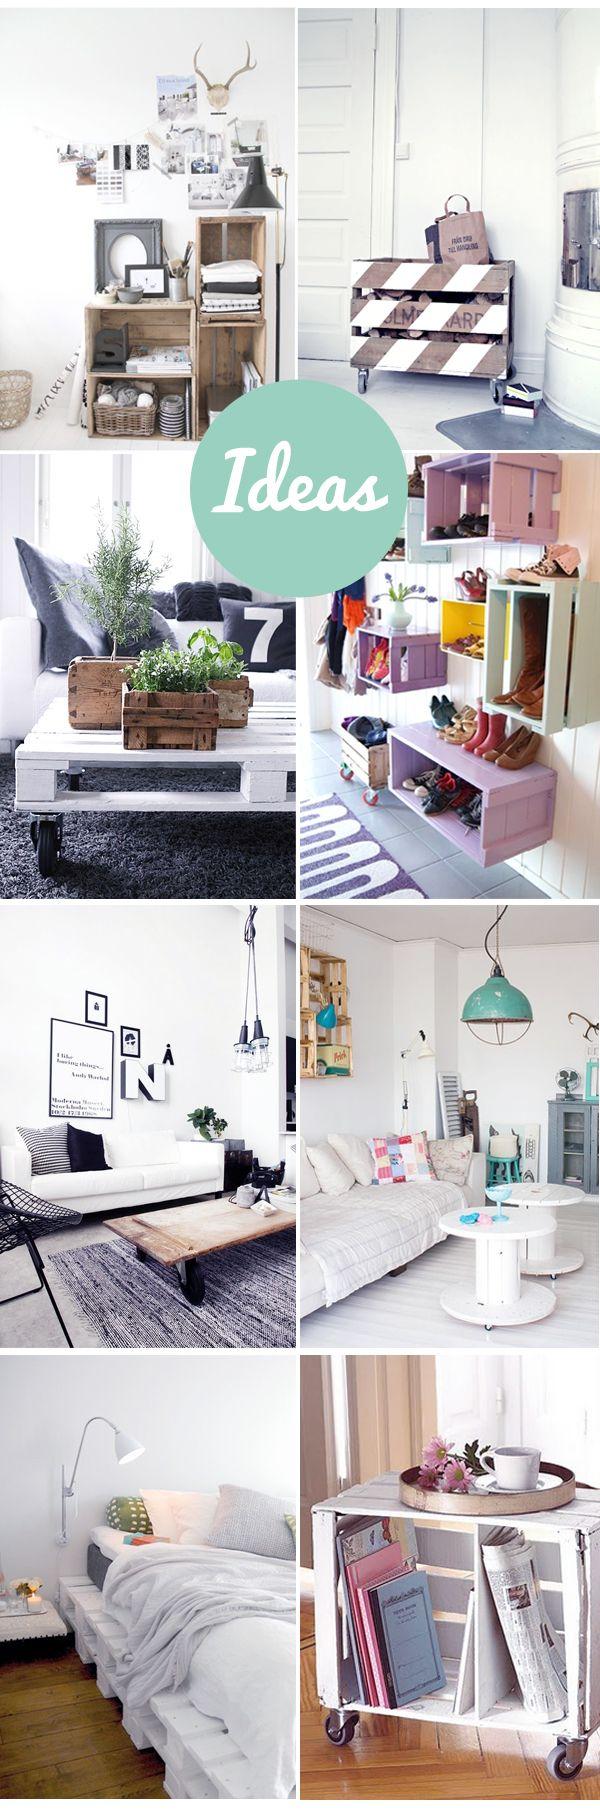 Muebles Reciclados Con Cajas Y Palets De Madera Decoration  # Muebles Reiclados